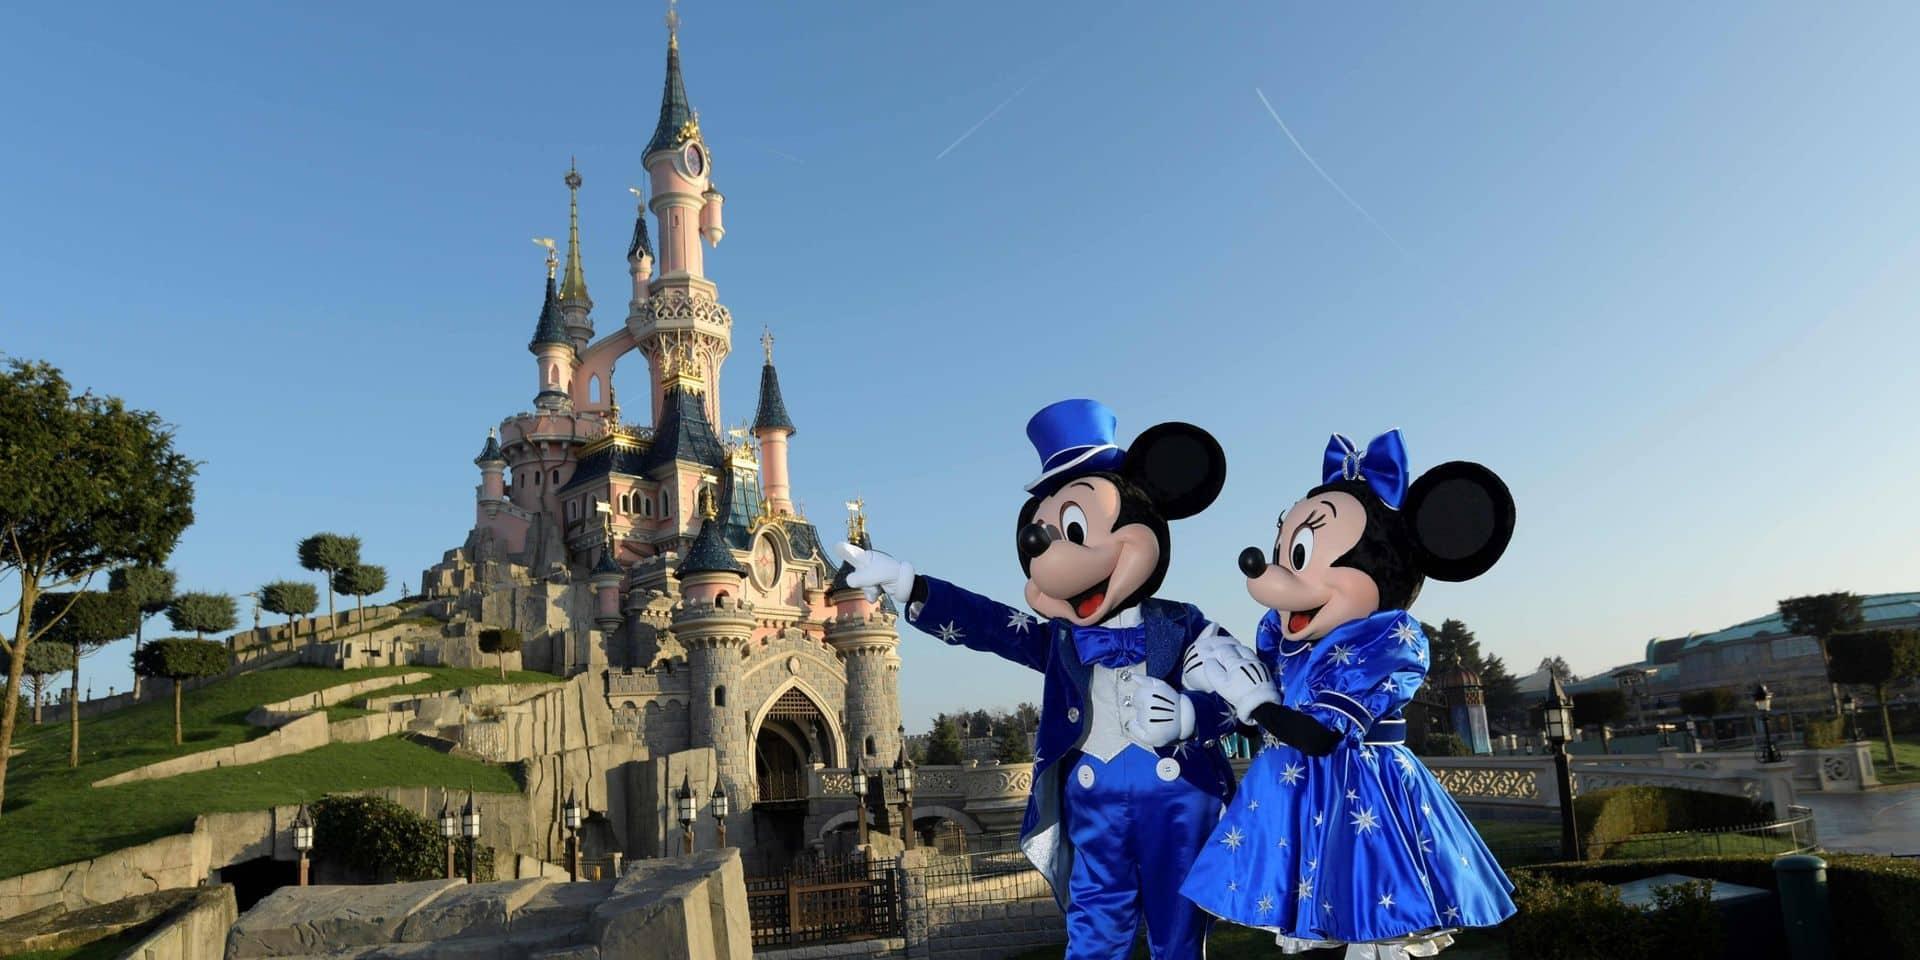 Coronavirus : Disneyland Paris annule les parades et spectacles jusqu'au 15 avril